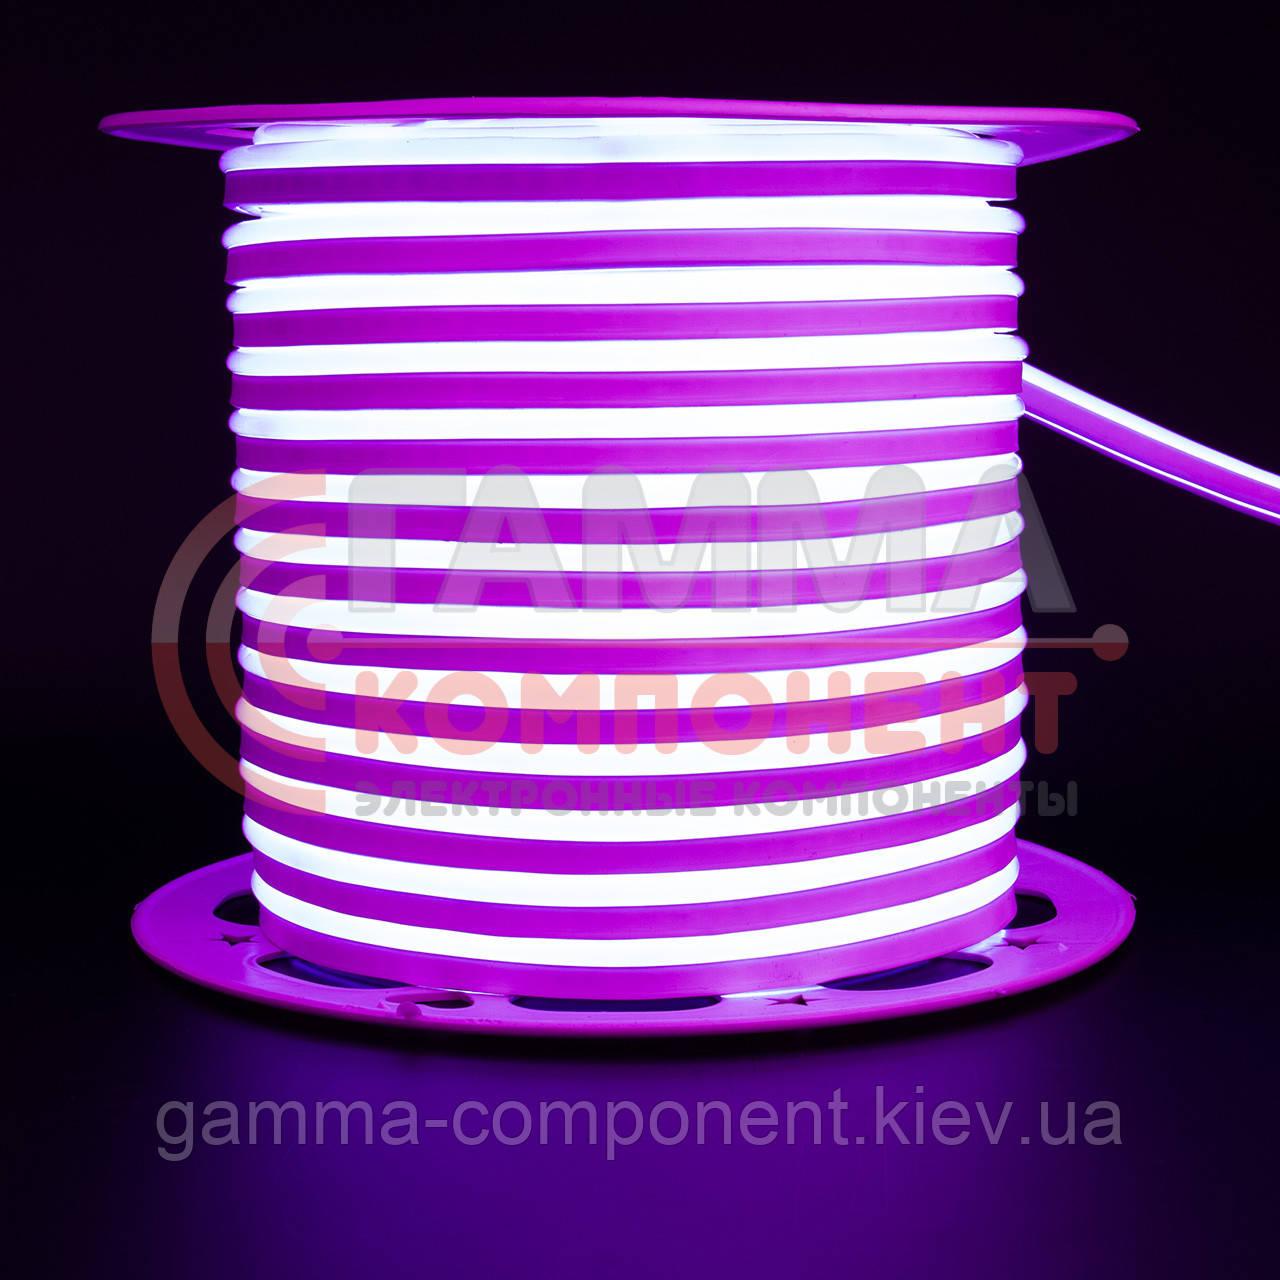 Светодиодный неон 220В розовый AVT smd 2835-120 лед/м 7Вт/м, герметичный. Бухта 50 метров.